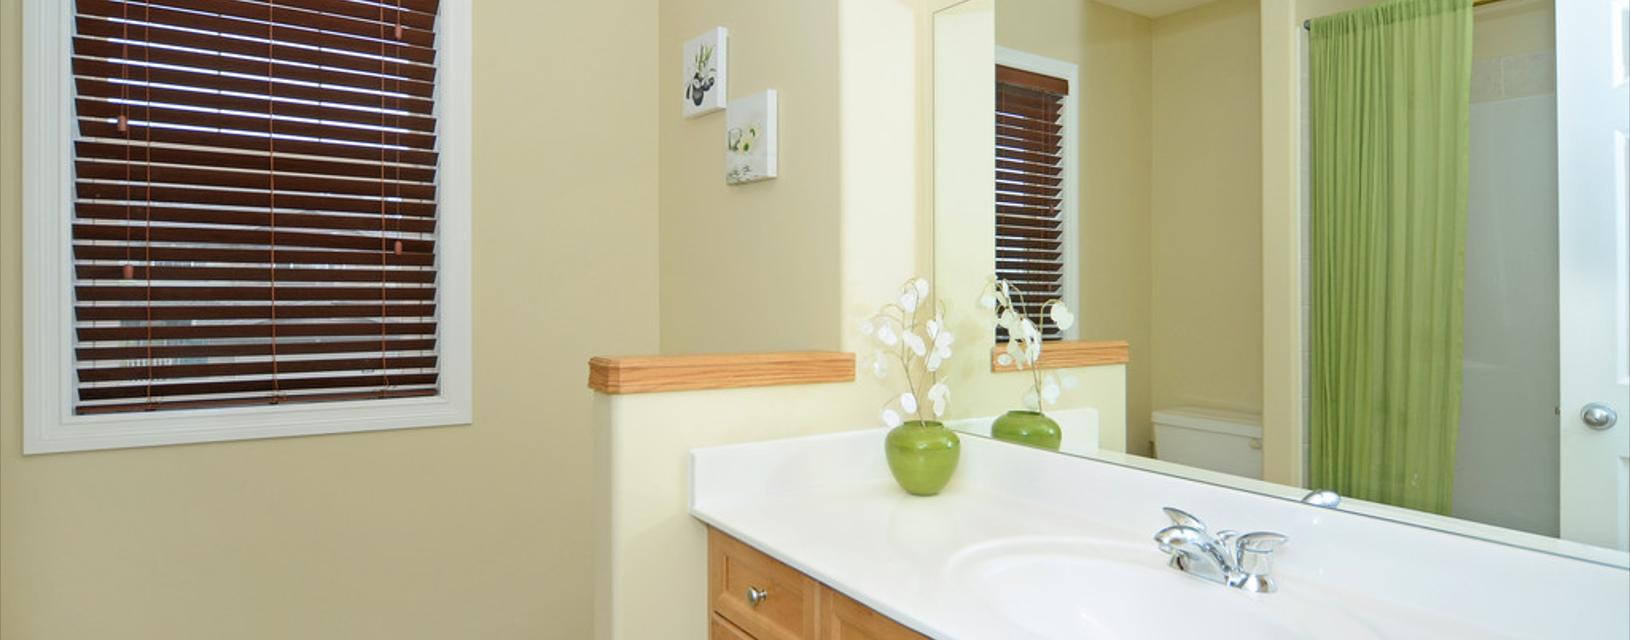 Fensterdekoration in Küche und Bad - funktional und schick